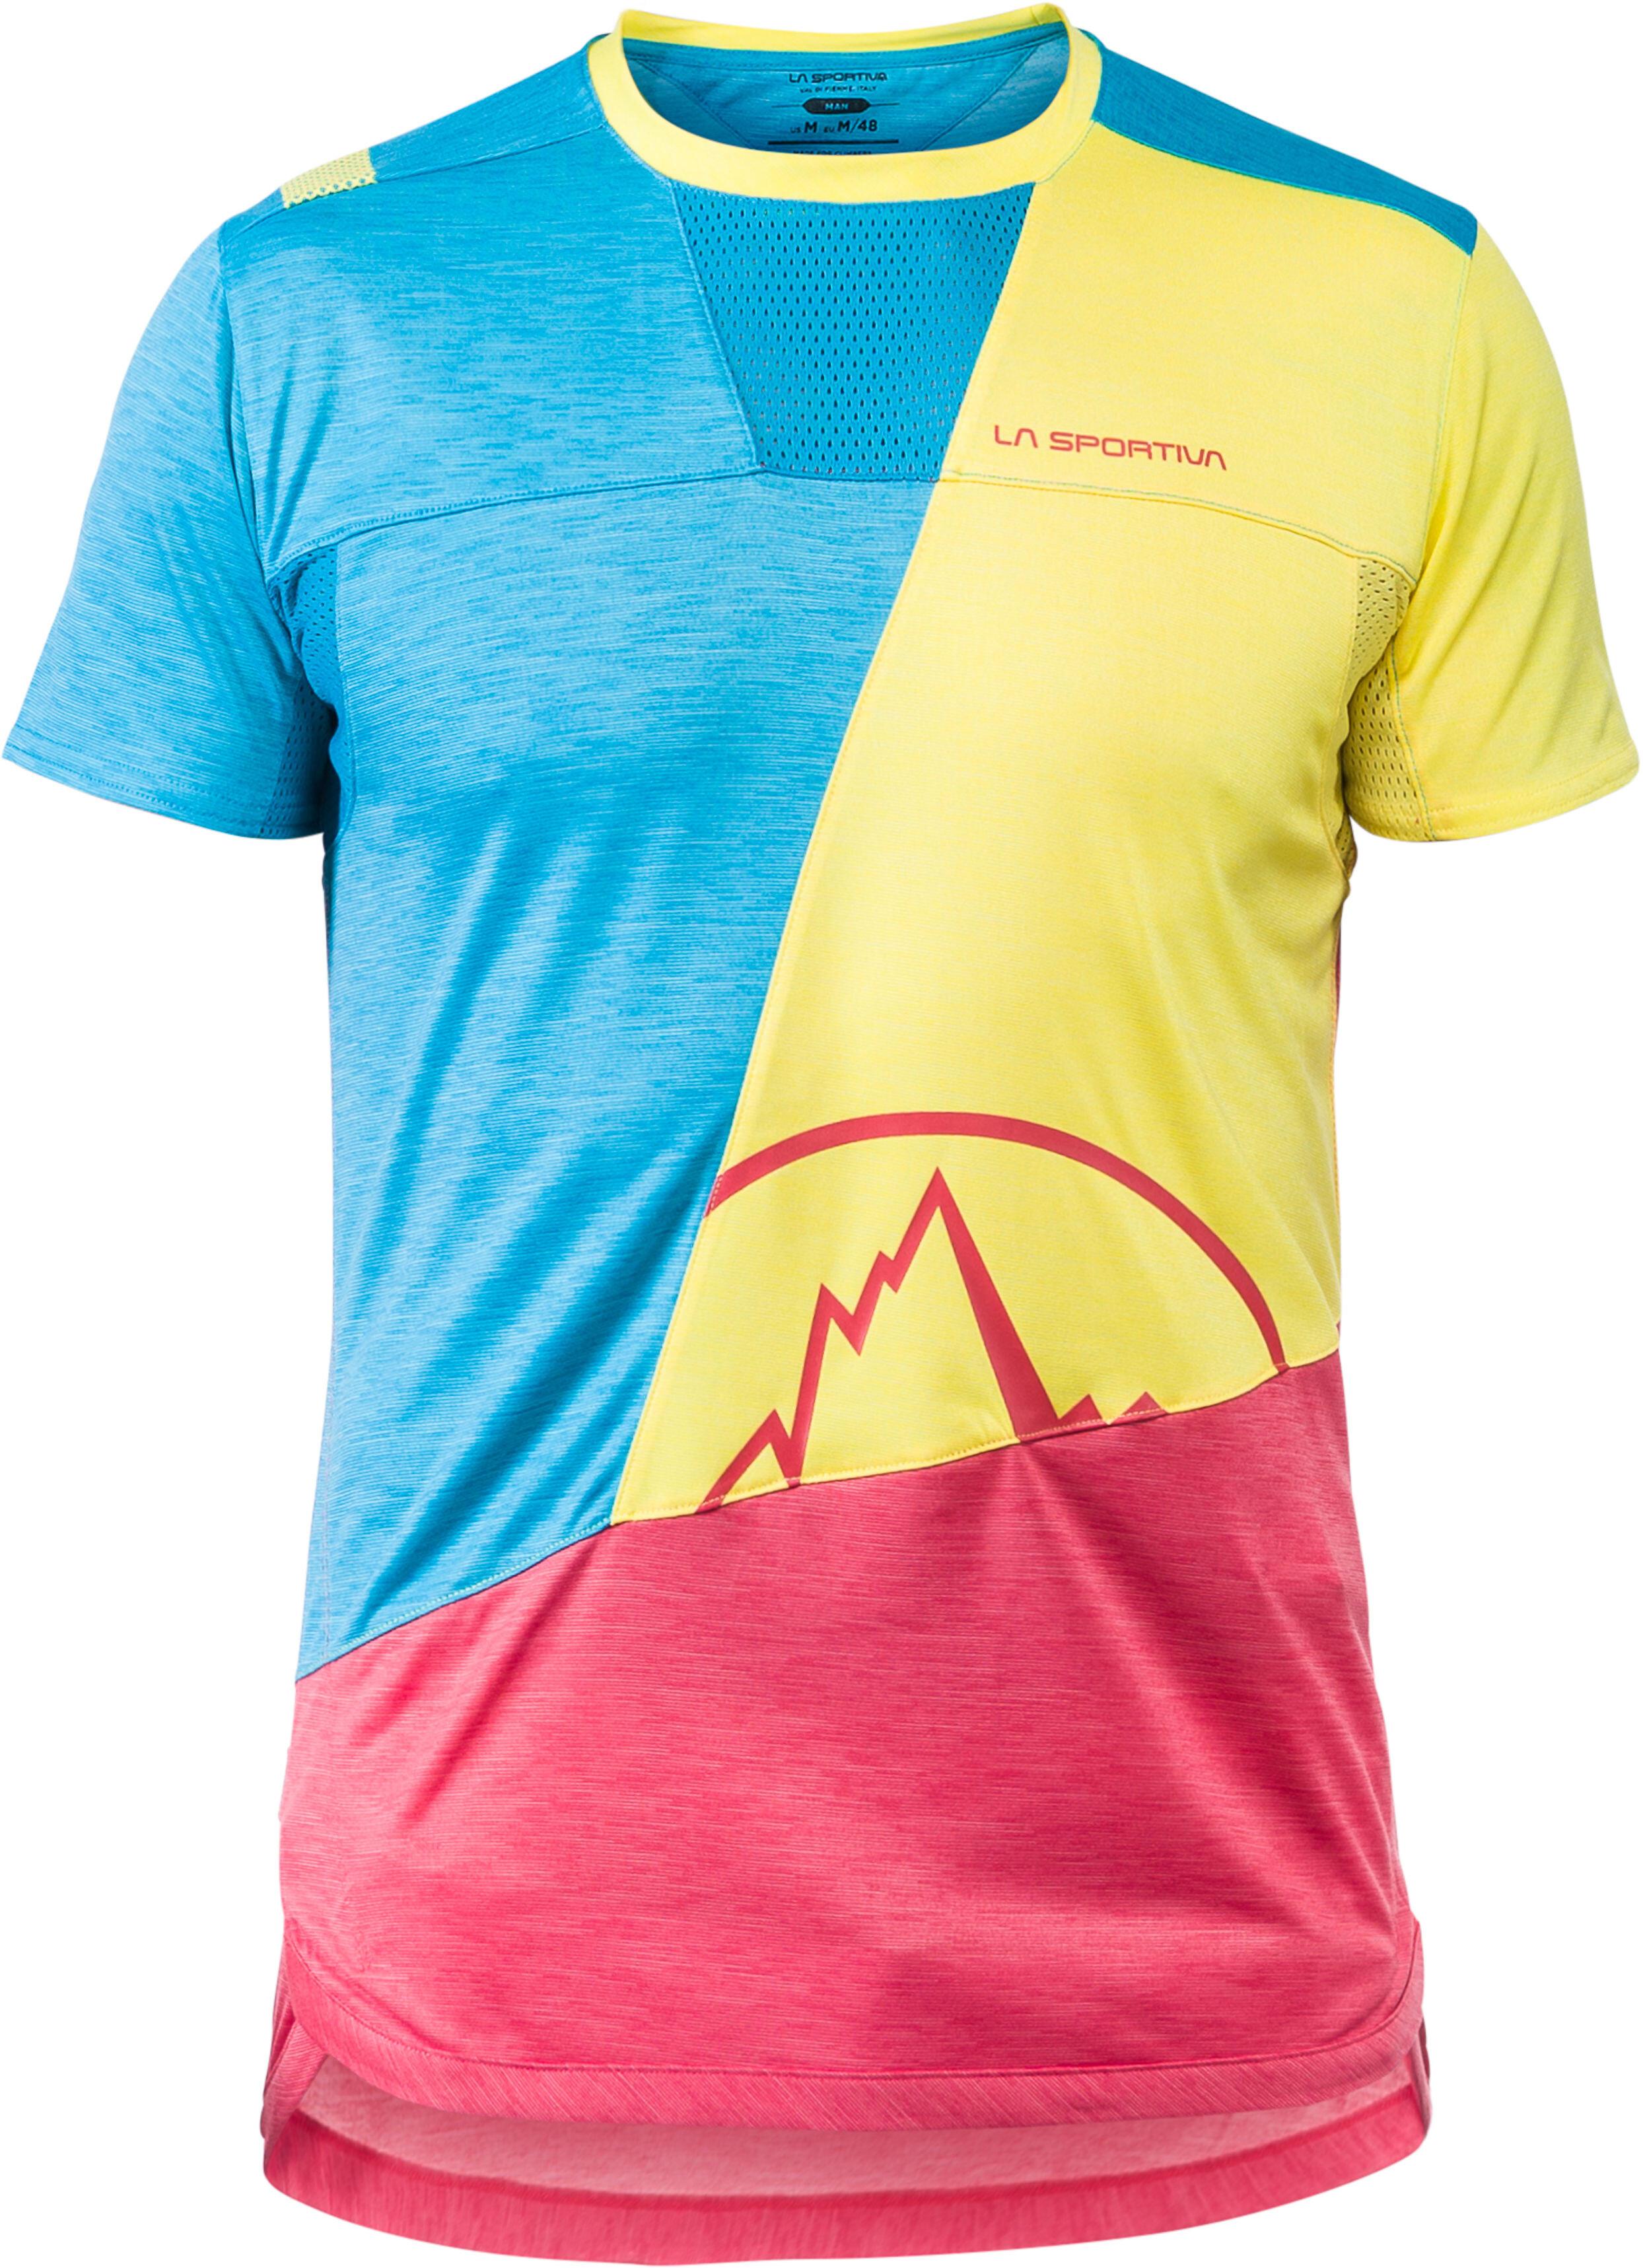 94b0fd067dd5 La Sportiva Workout - T-shirt manches courtes Homme - jaune bleu sur ...